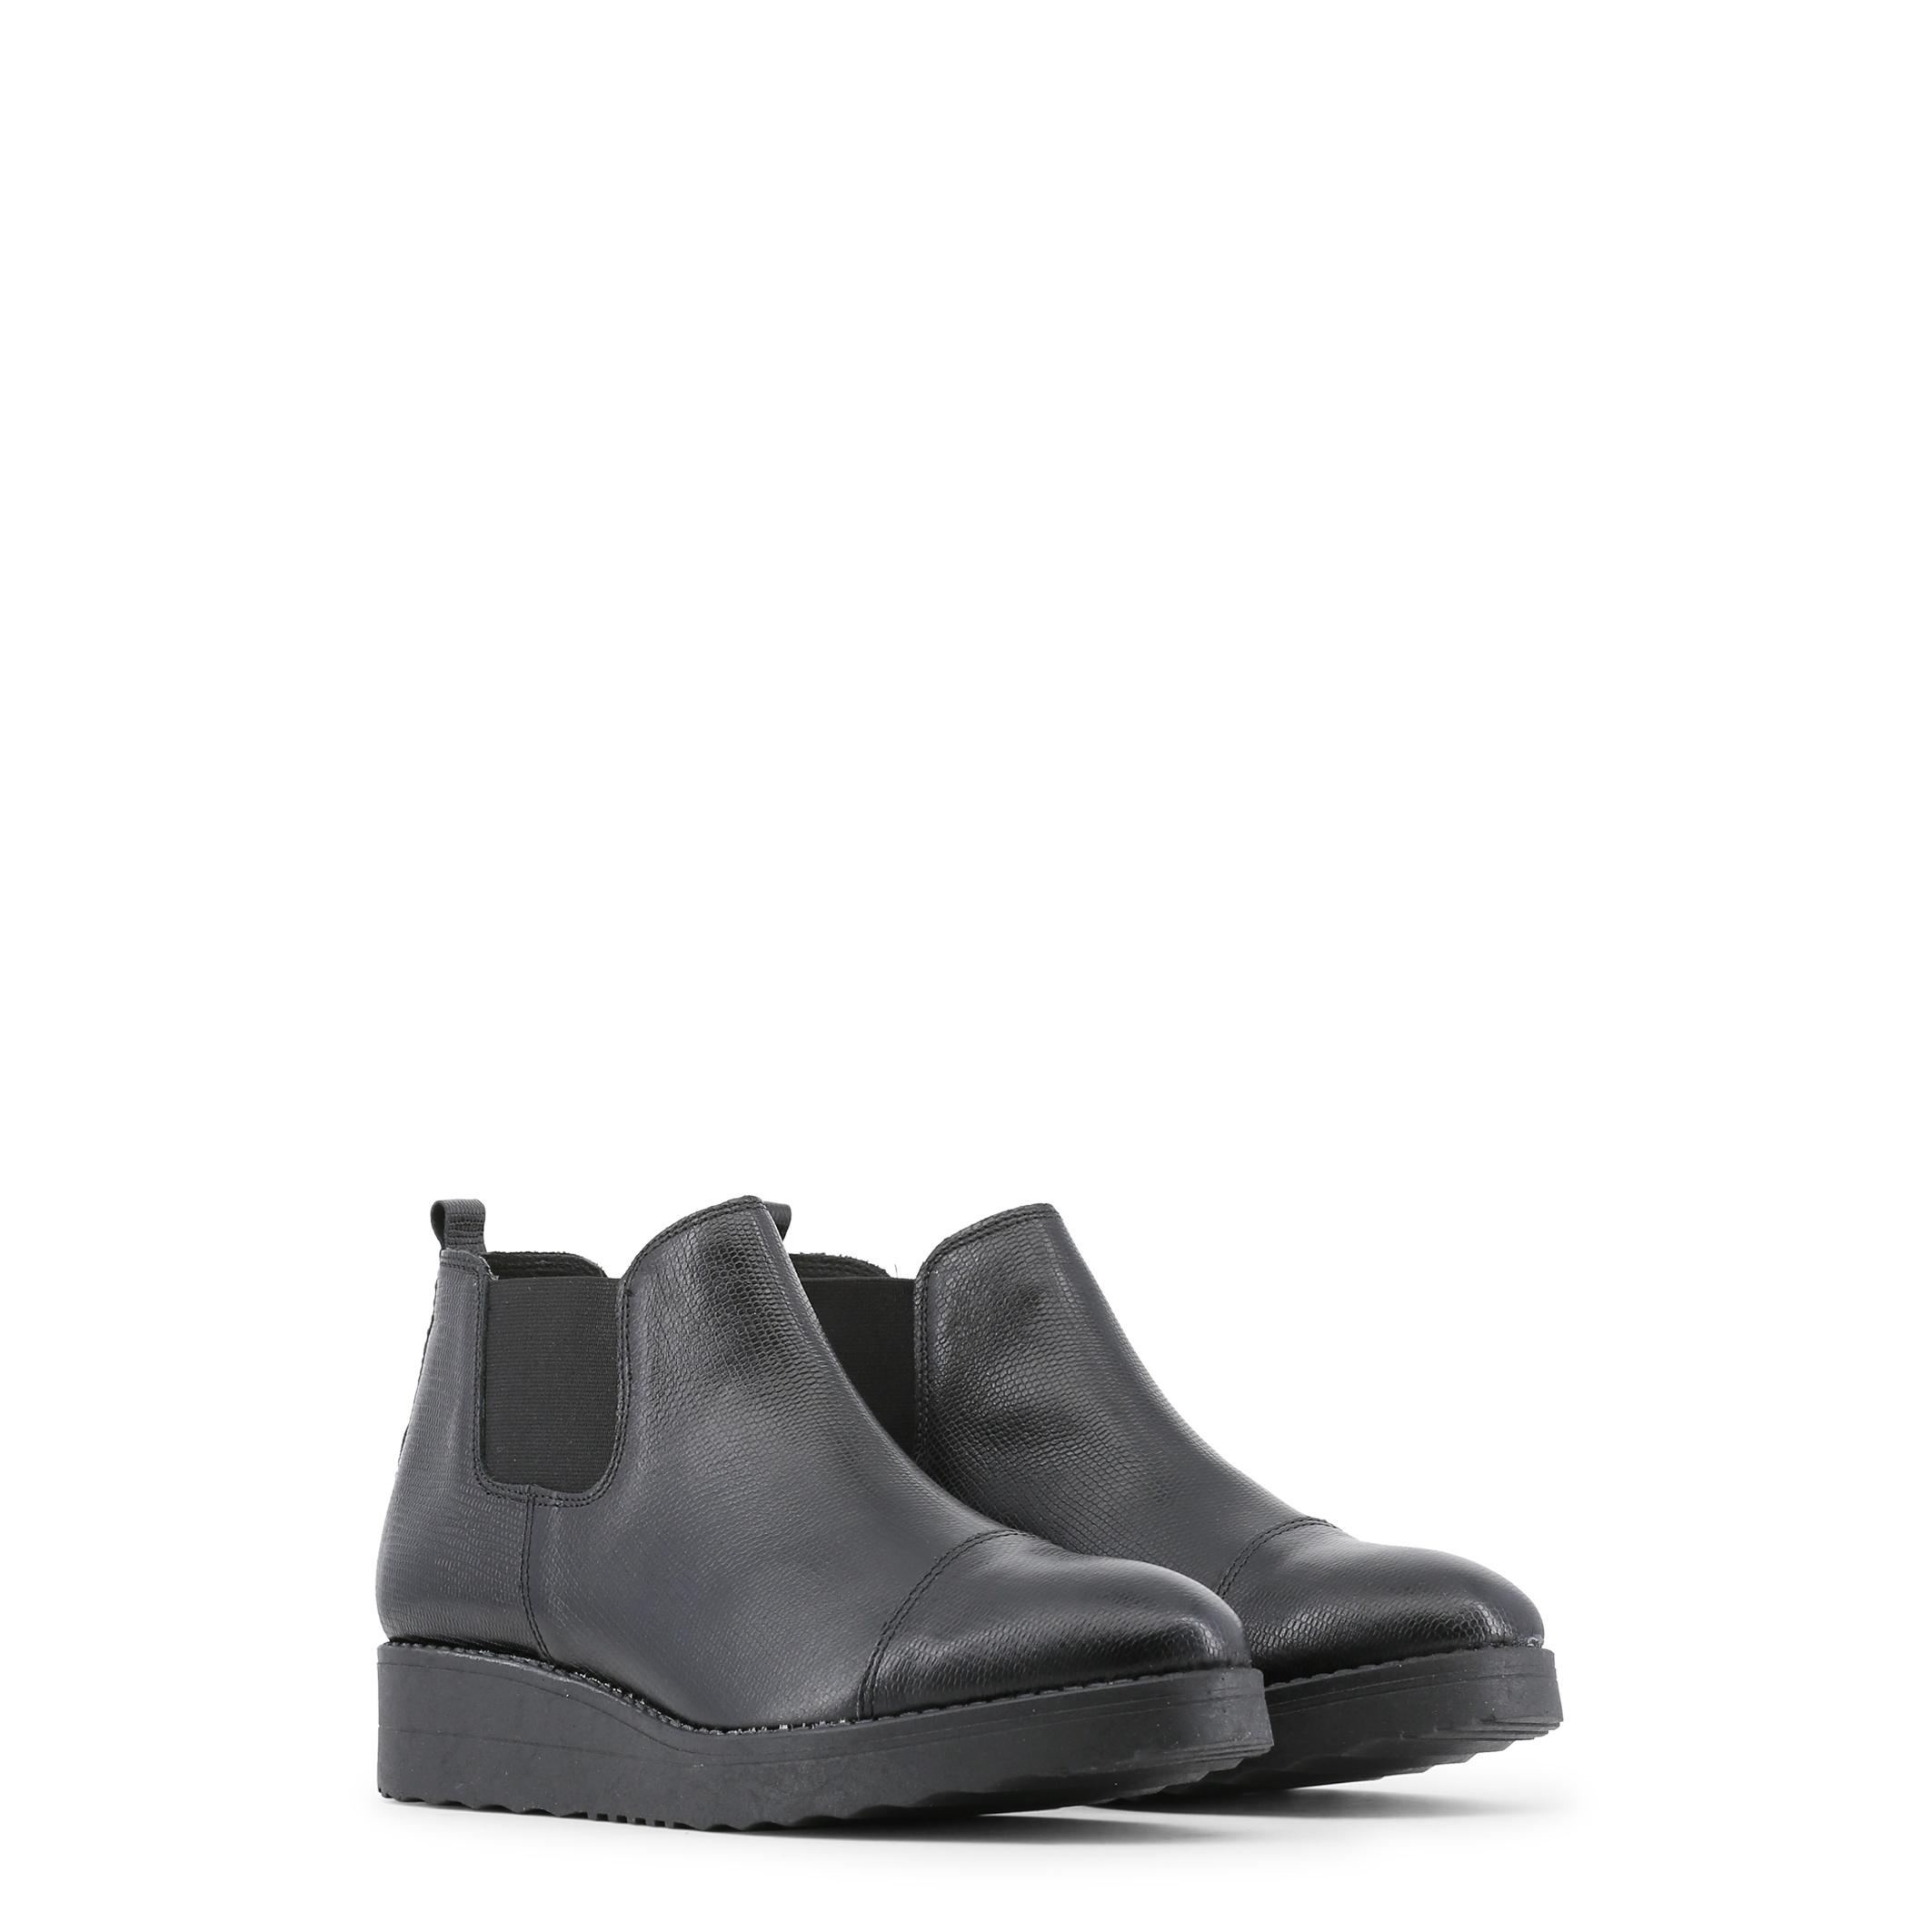 Arnaldo Toscani Schuhe Frühling/Sommer 2110706, Damen Stiefeletten Grau/Schwarz Frühling/Sommer Schuhe 99b71d